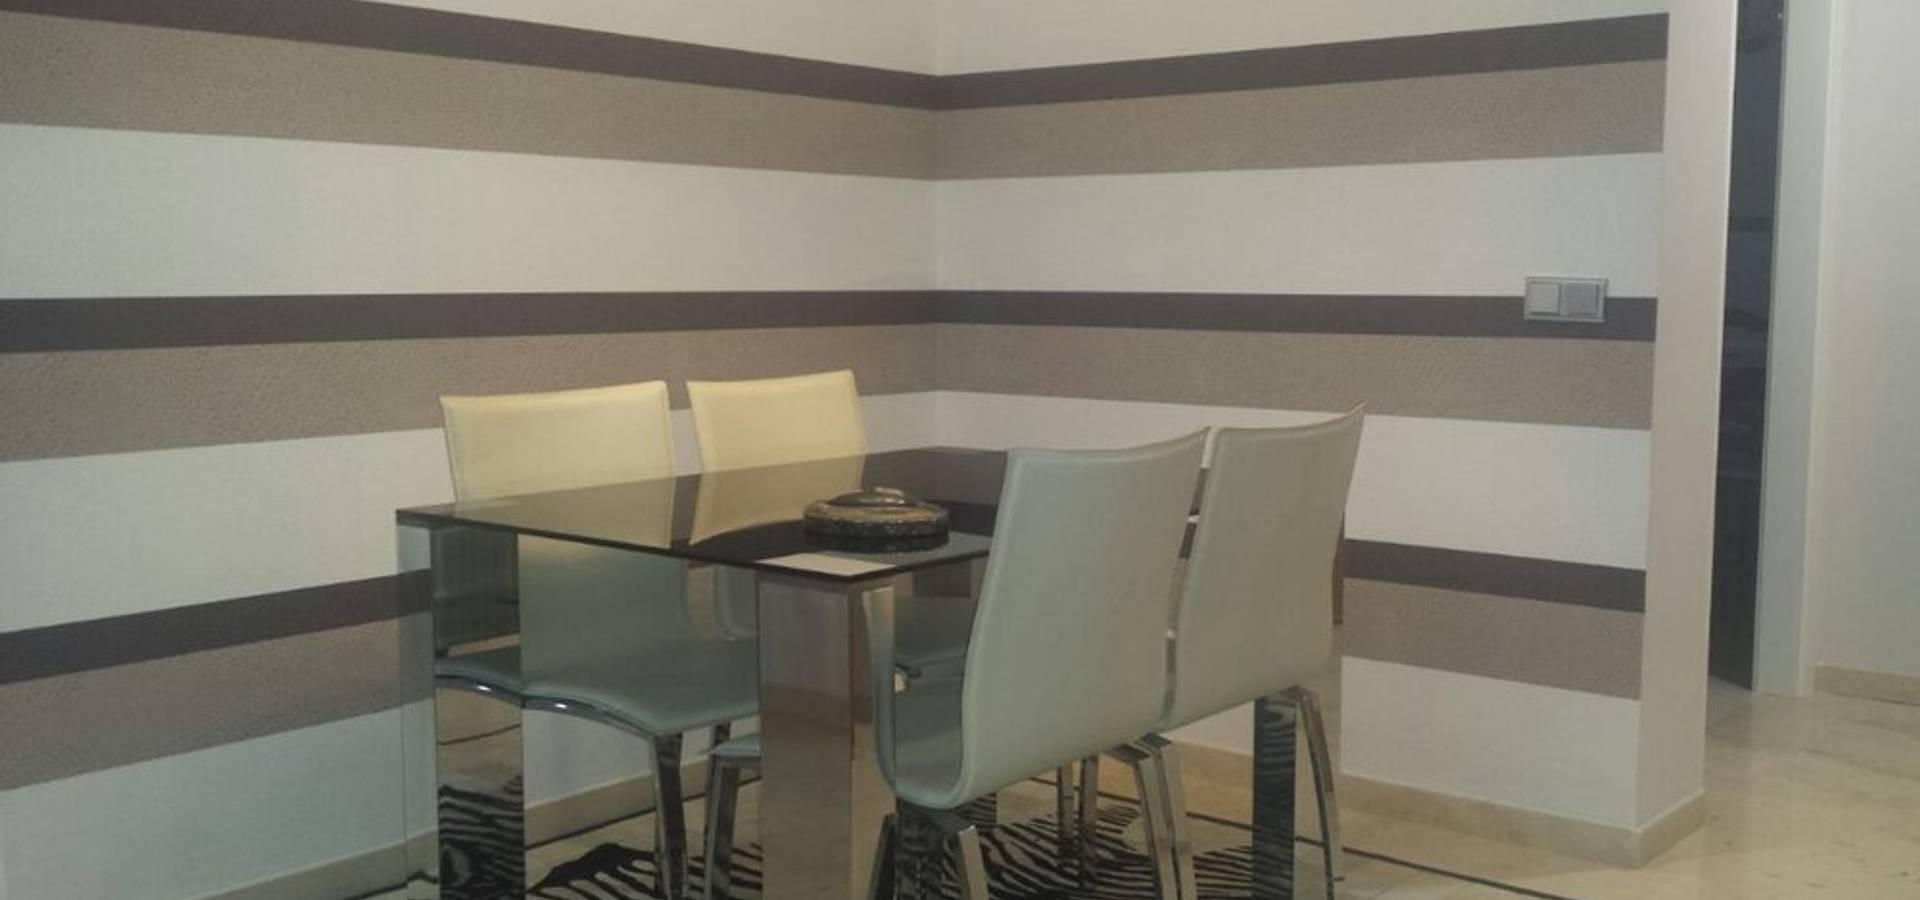 Pinturas molina color y dise o de las paredes en for Cristalerias en algeciras